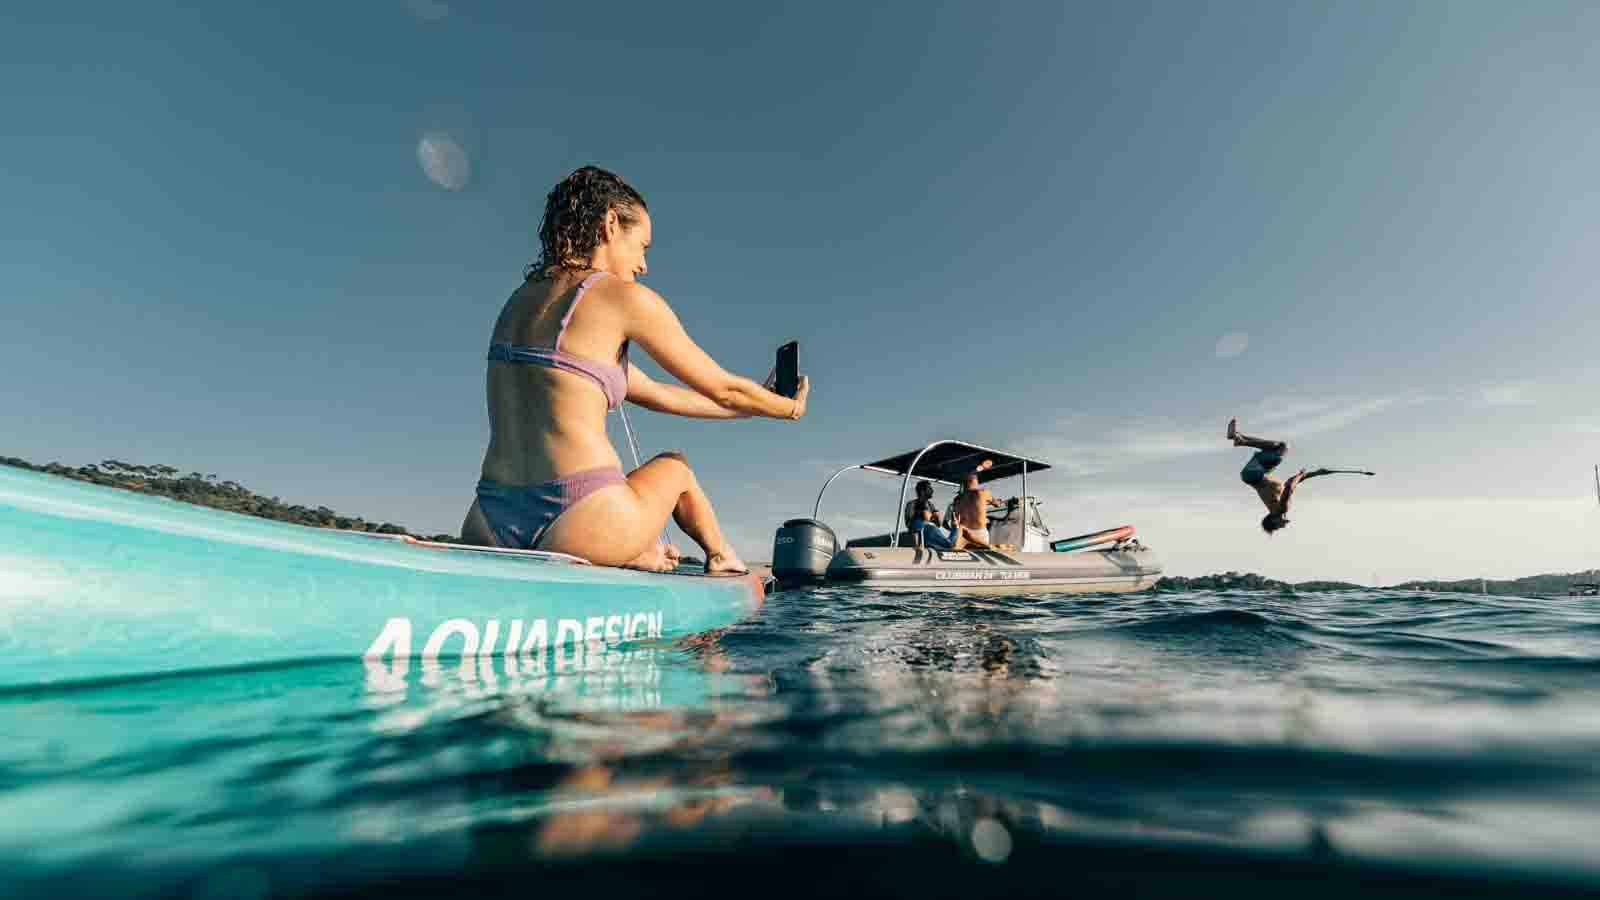 Aquadesign 2021 SUP Preview